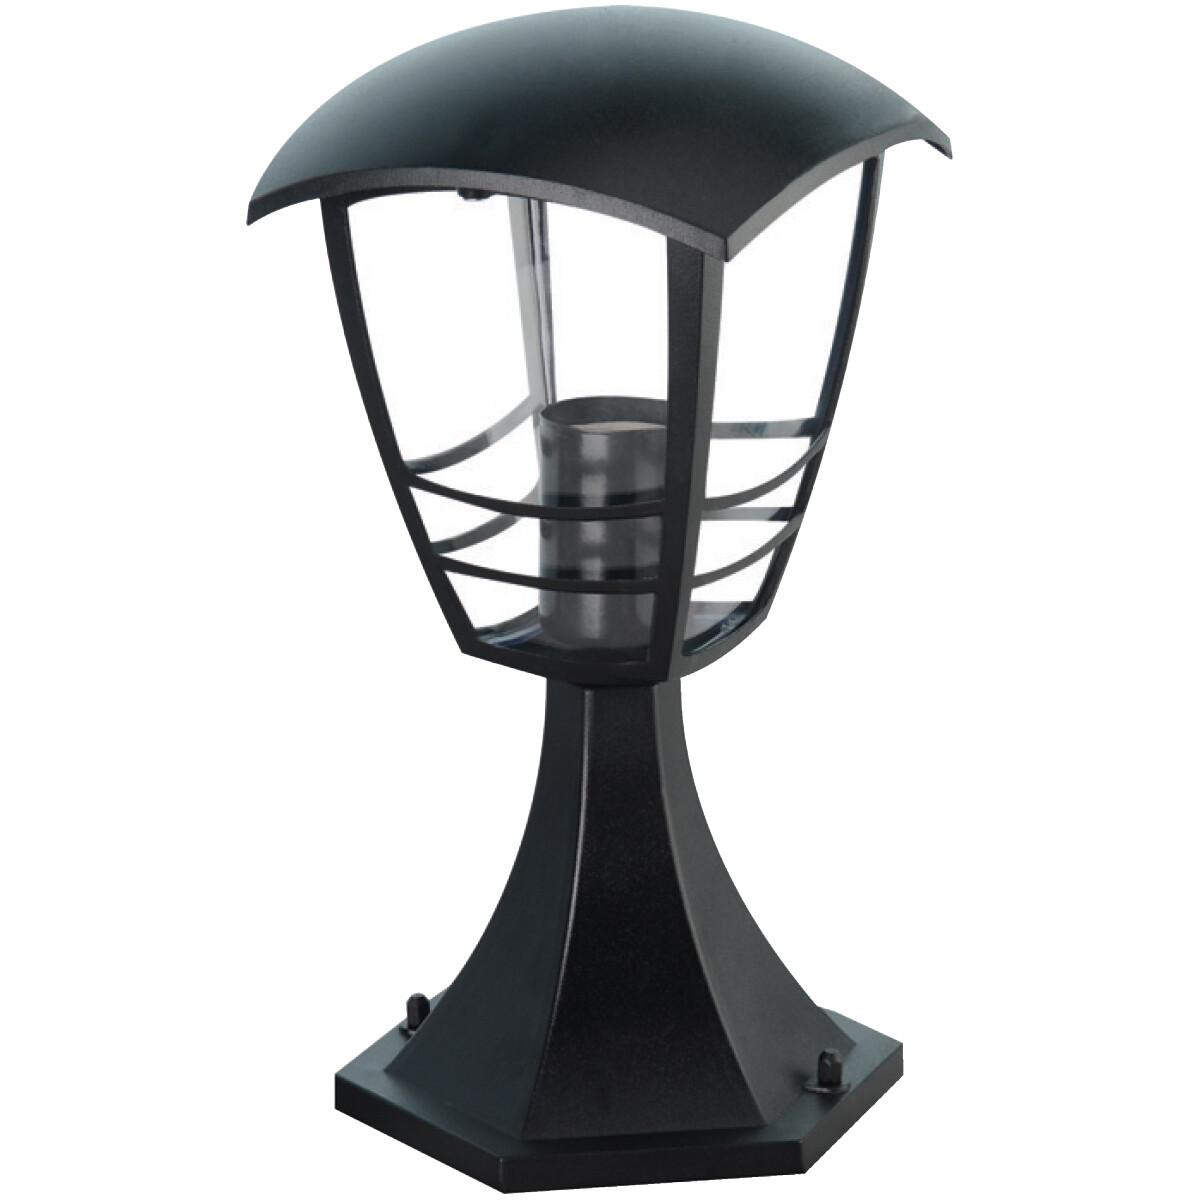 LED Tuinverlichting - Buitenlamp - Narmy 3 - Staand - Mat Zwart - E27 Fitting - Rond - Aluminium